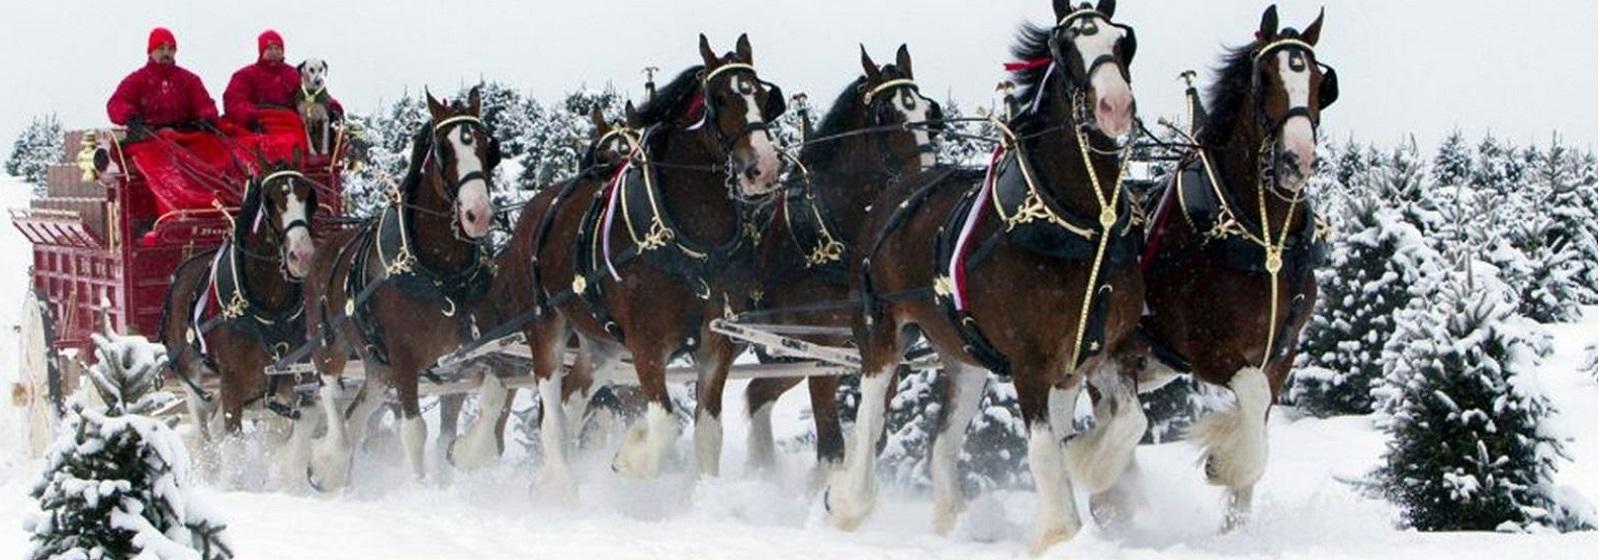 Winter Horses image slide